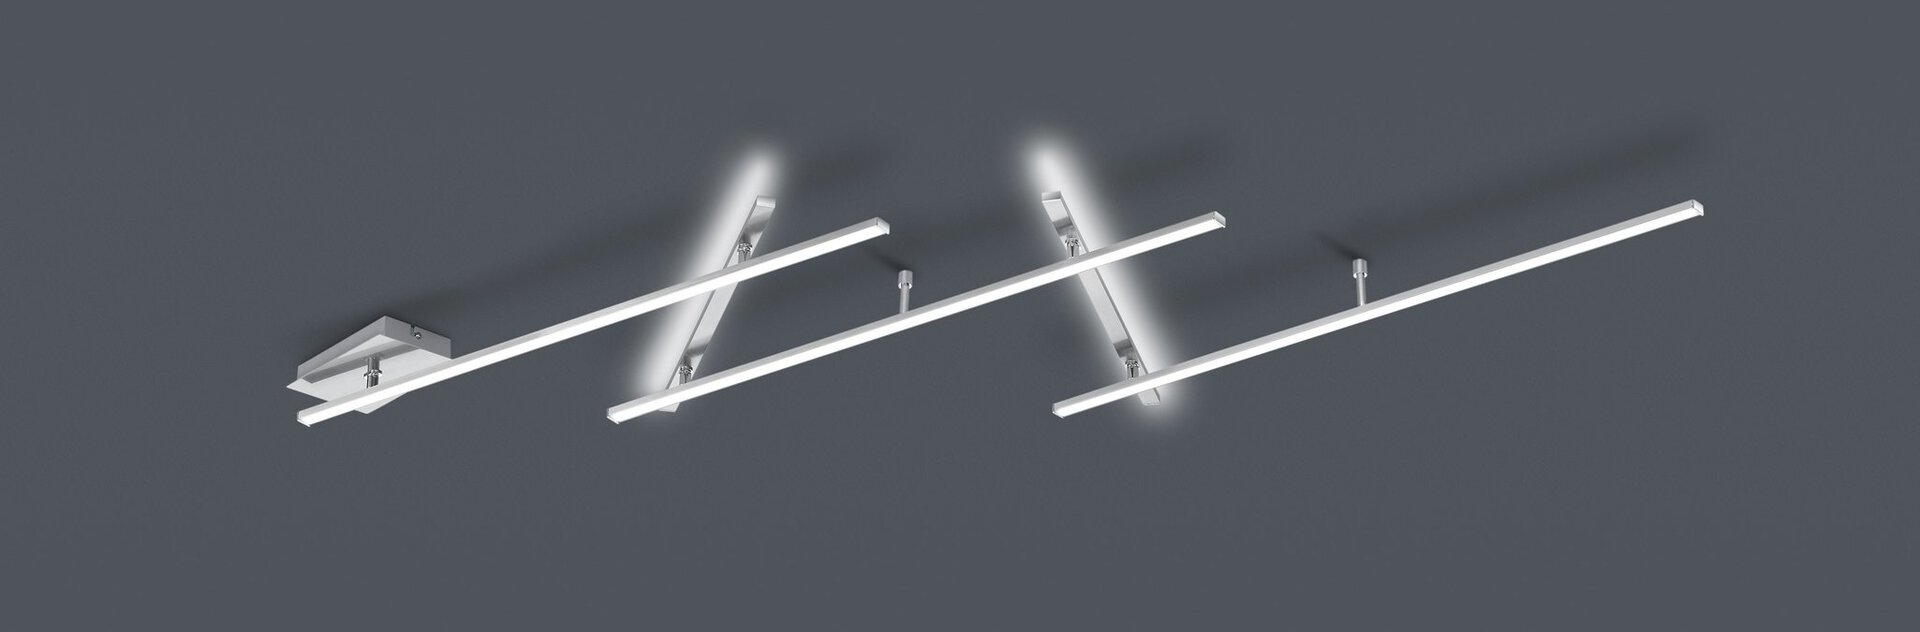 Deckenleuchte Indira Trio Leuchten Metall 6 x 245 cm